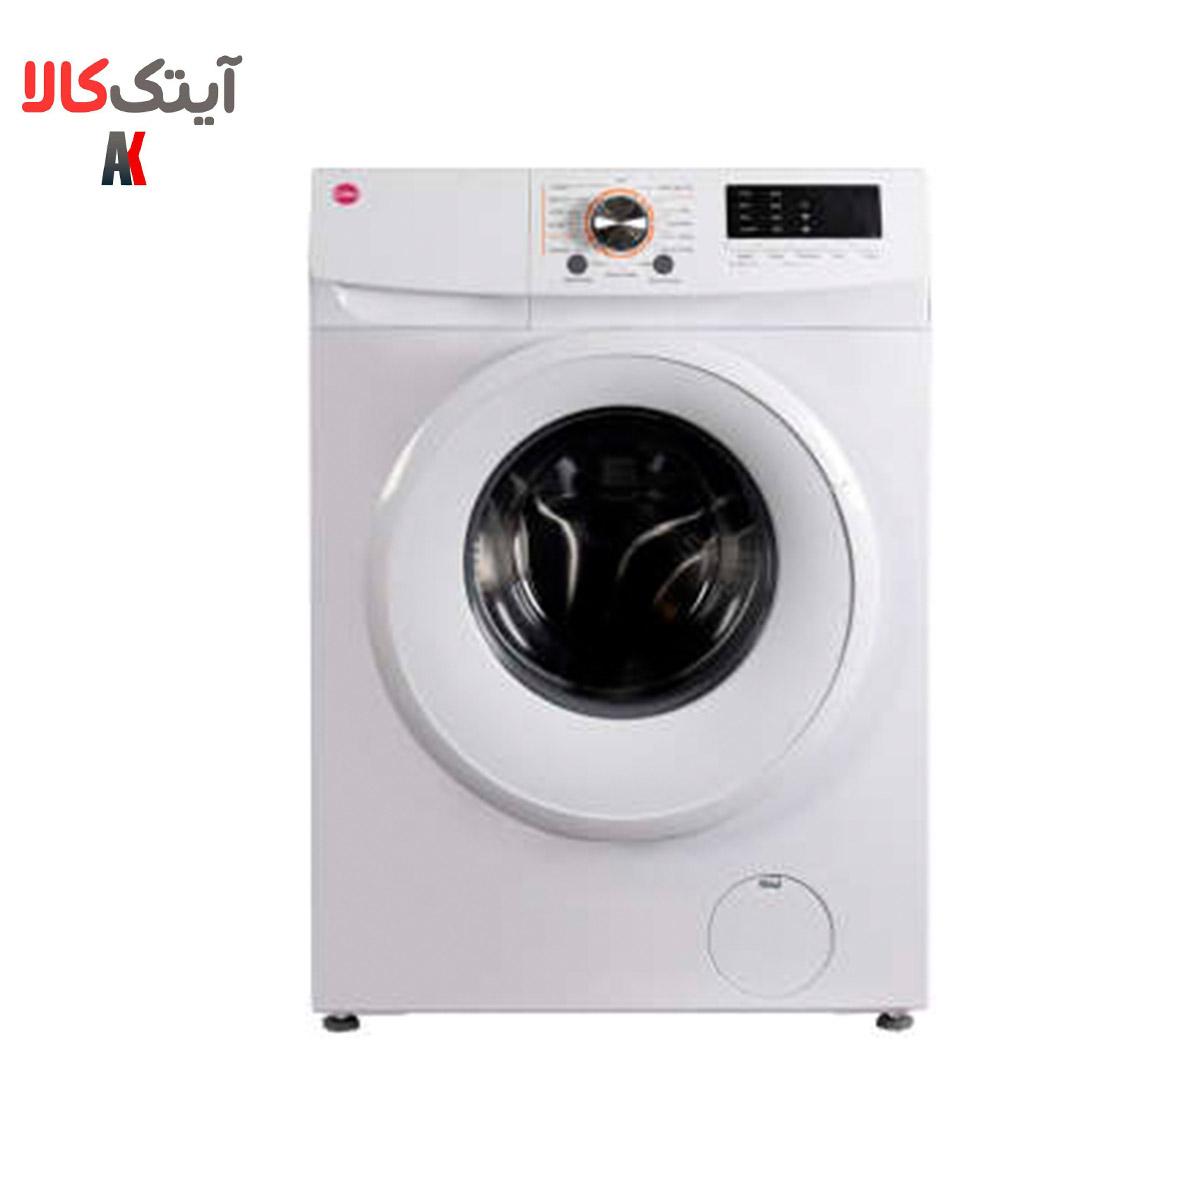 ماشین لباسشویی کرال TFW-27203